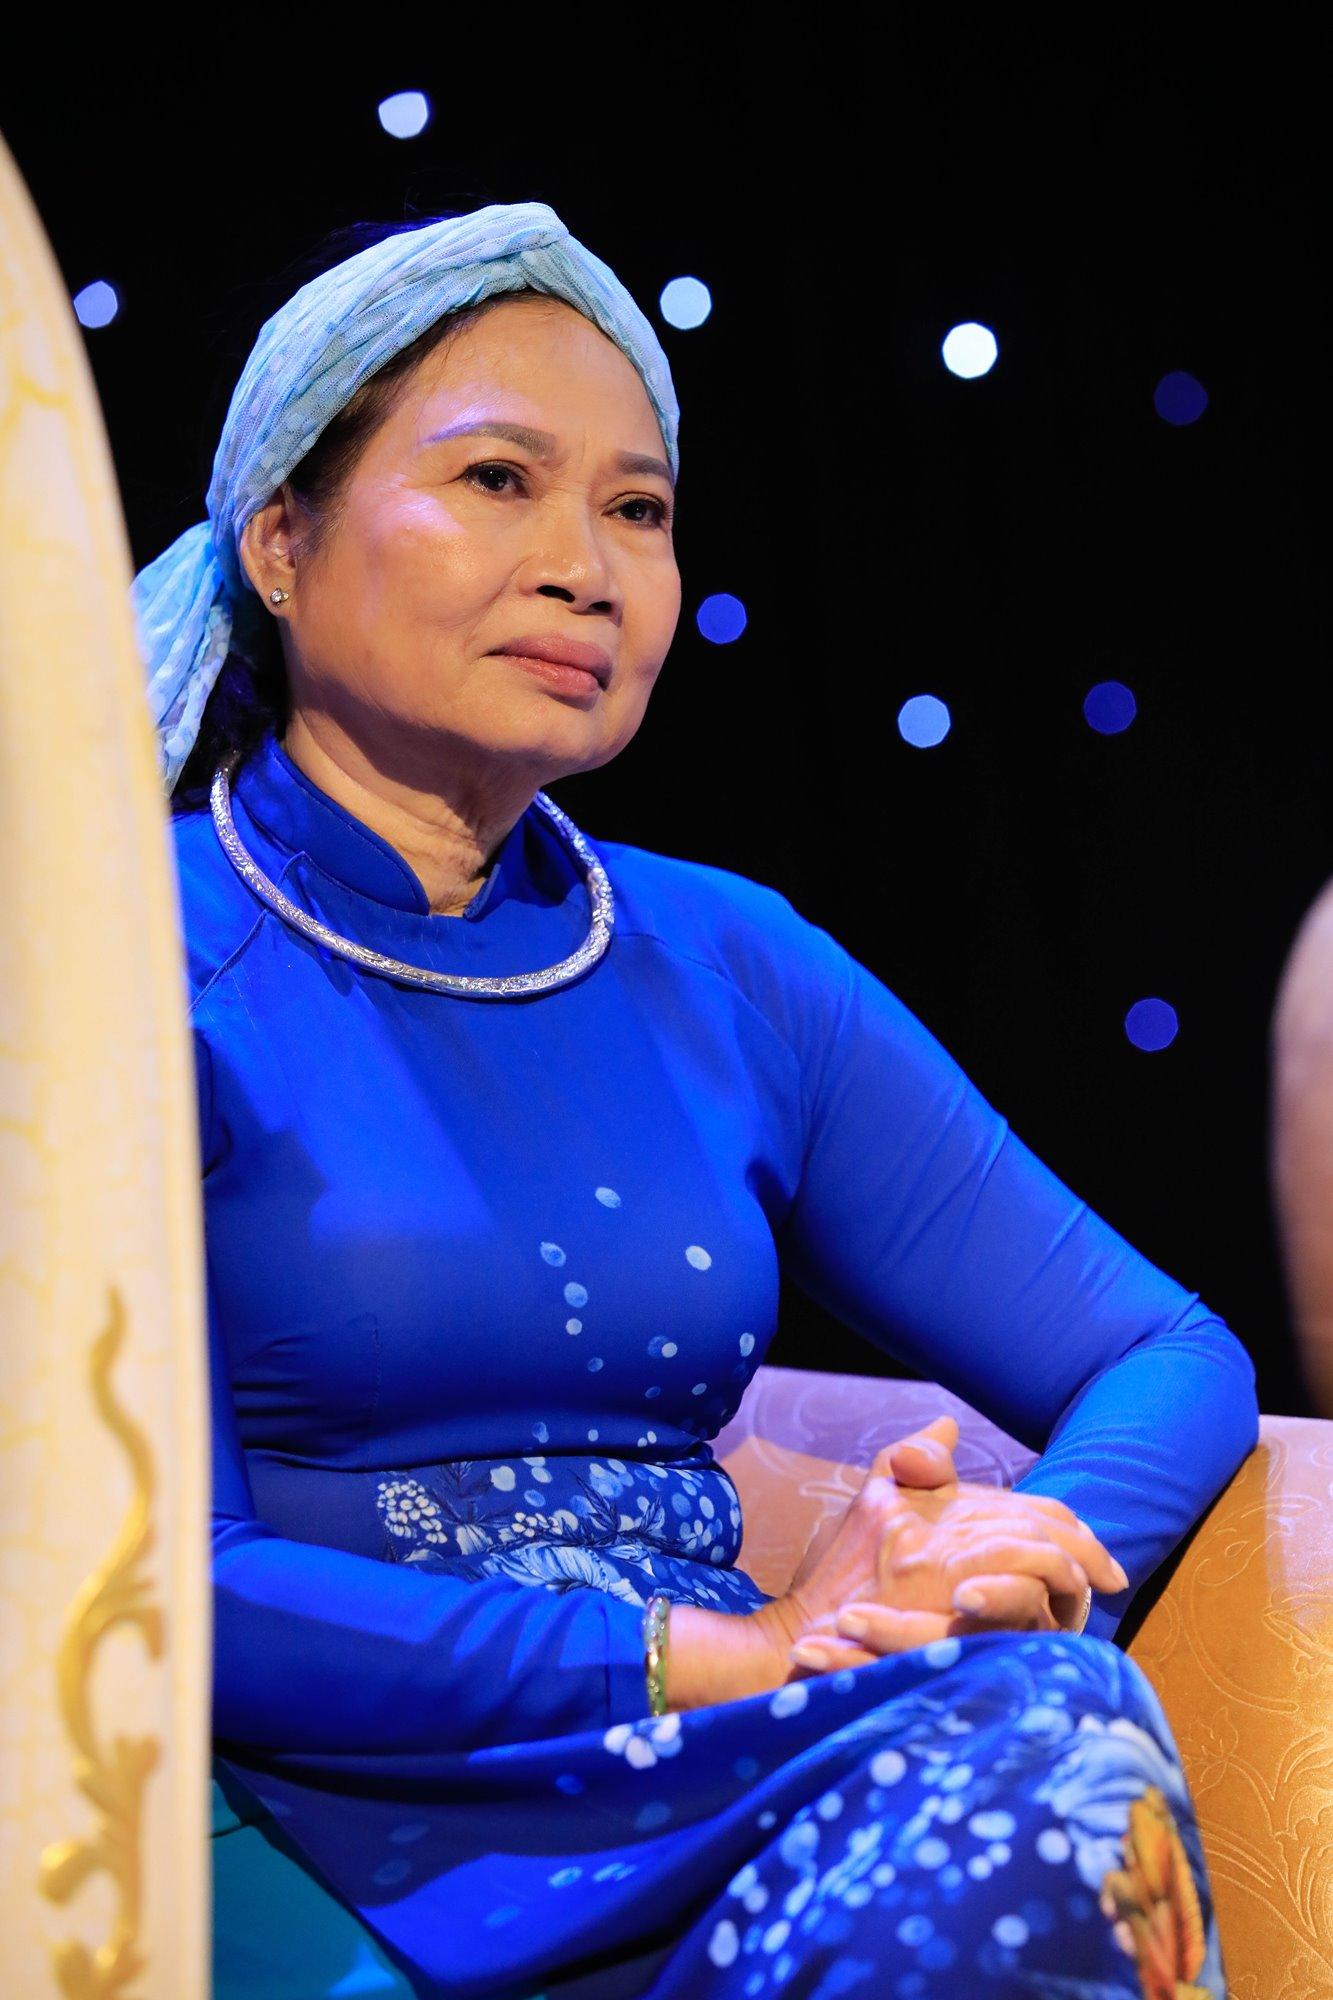 Thái Châu nghi ngờ thí sinh Người kể chuyện tình có bầu vì dáng đi giống người sắp làm mẹ - Hình 1